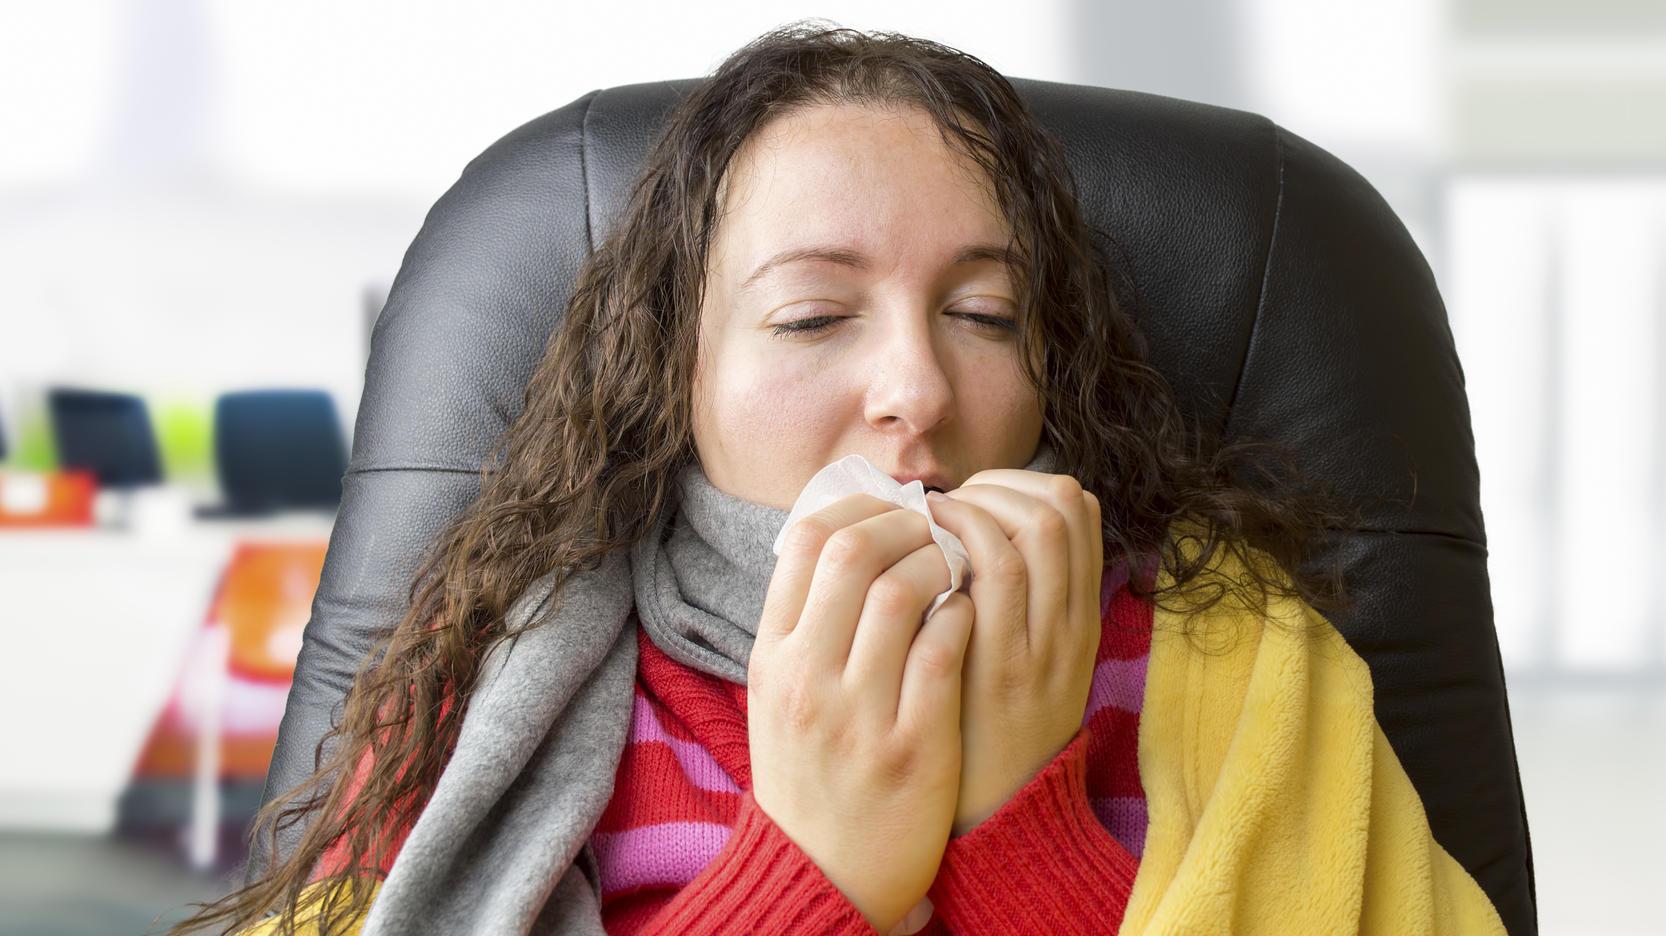 Manche Covid-19-Patienten verlieren vorübergehend ihren Geruchs- und Geschmackssinn.